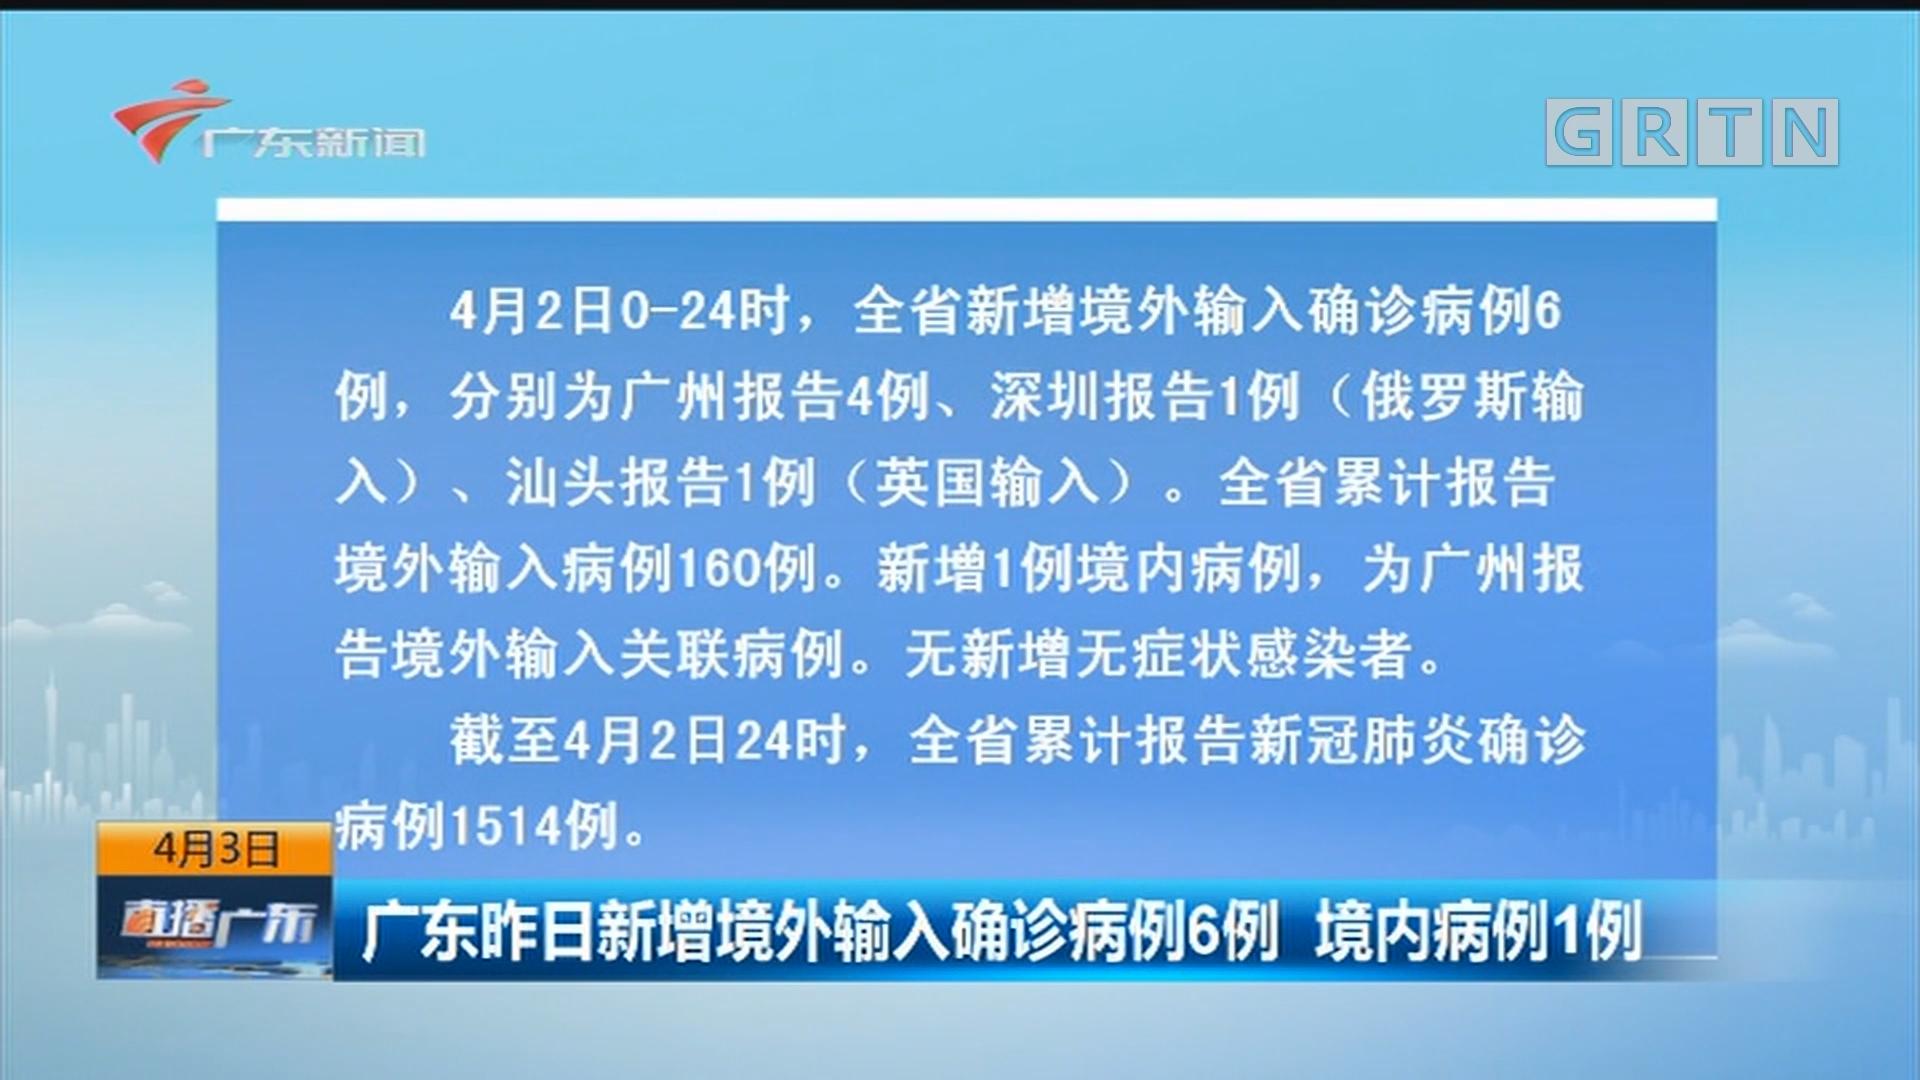 广东昨日新增境外输入确诊病例6例 境内病例1例